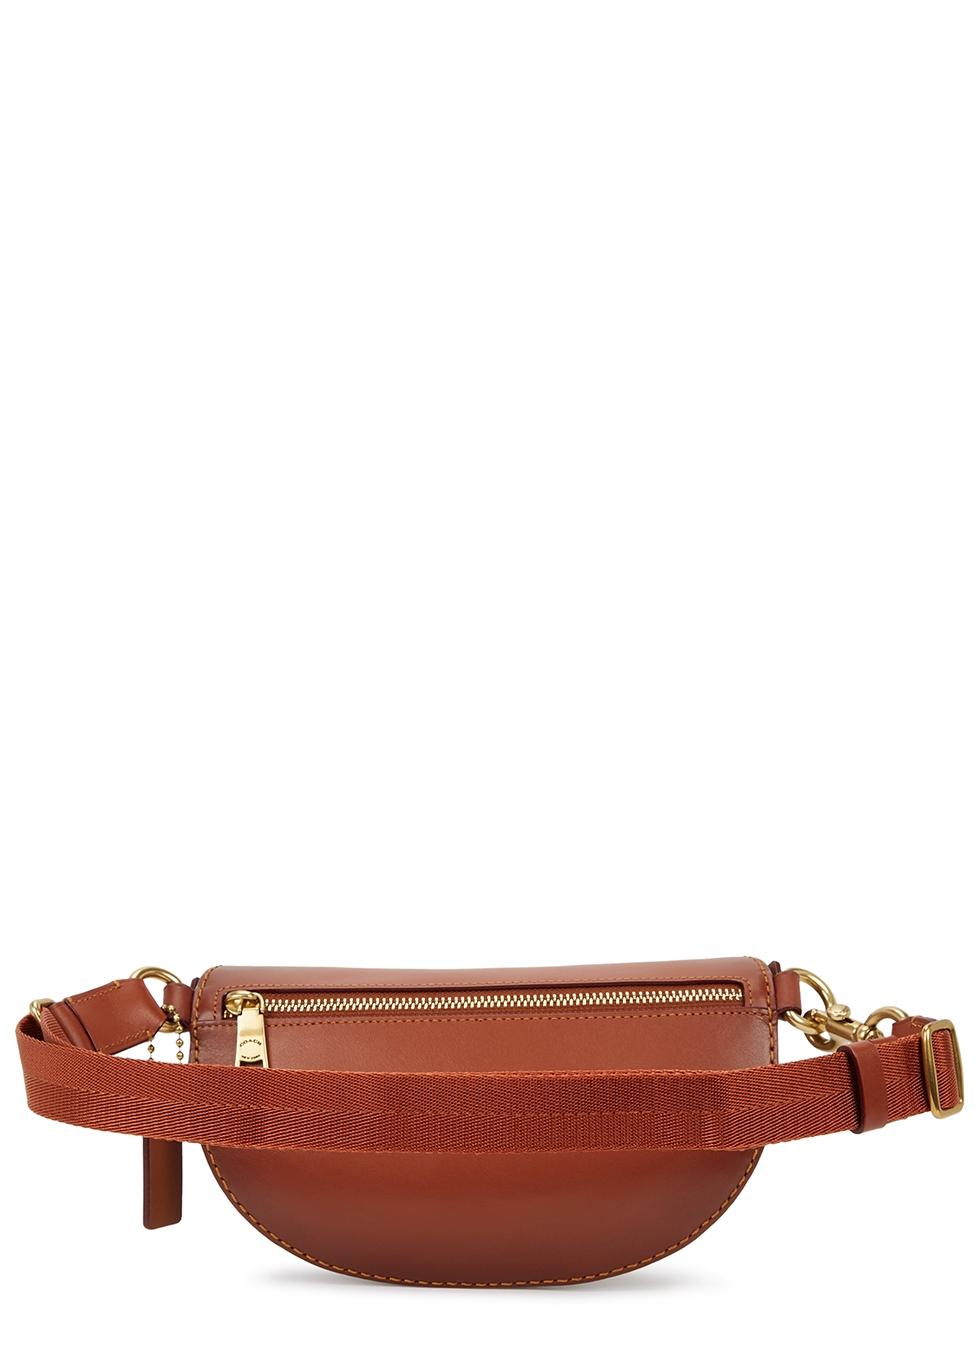 Brown monogrammed leather belt bag - Coach